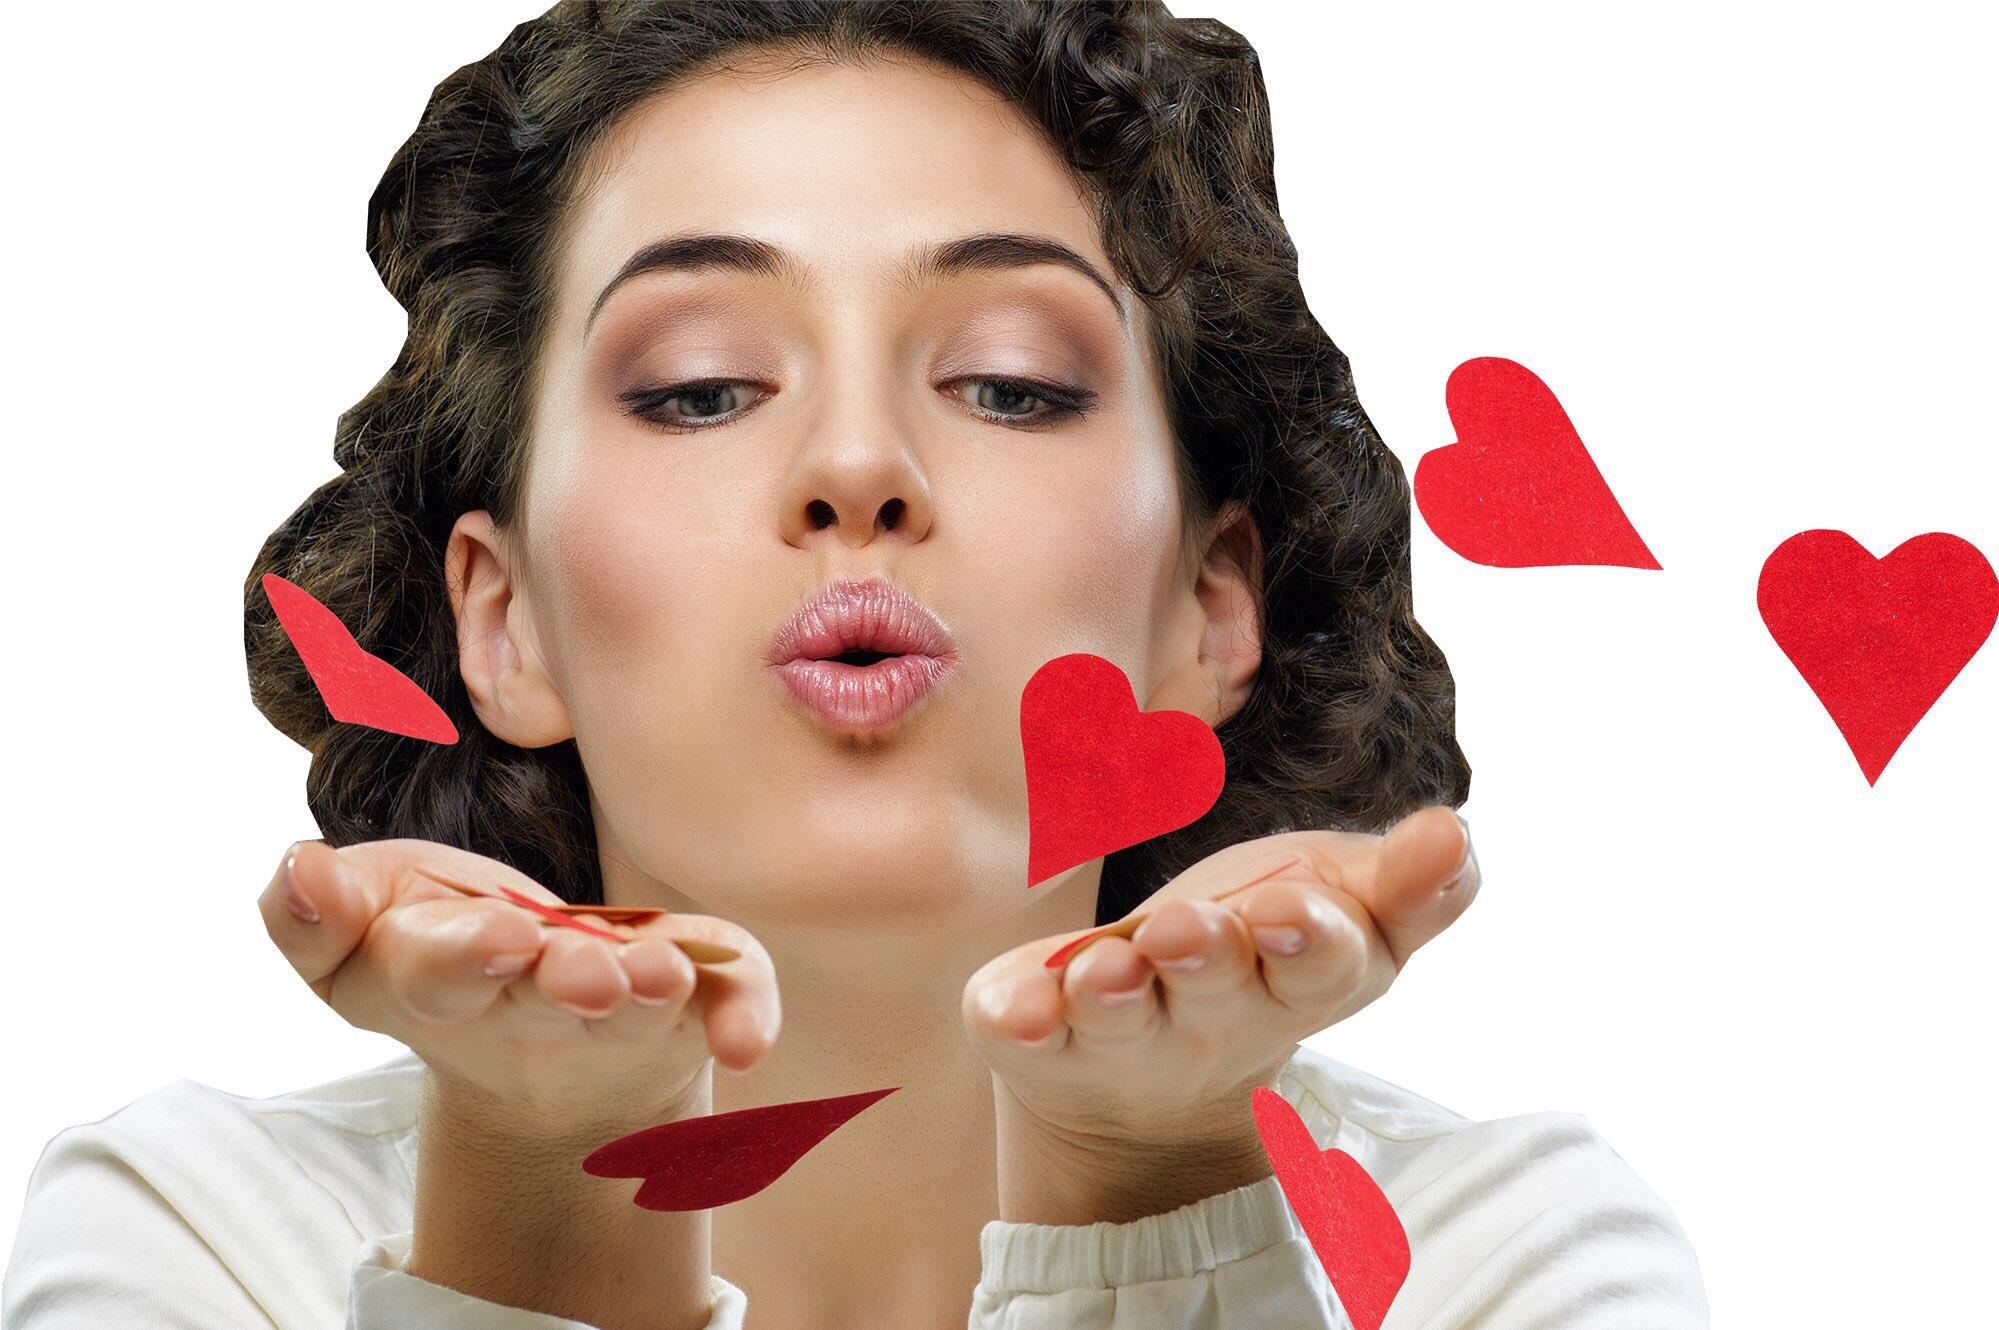 пожелание день картинки поймала воздушный поцелуй спозировала вечернем платье